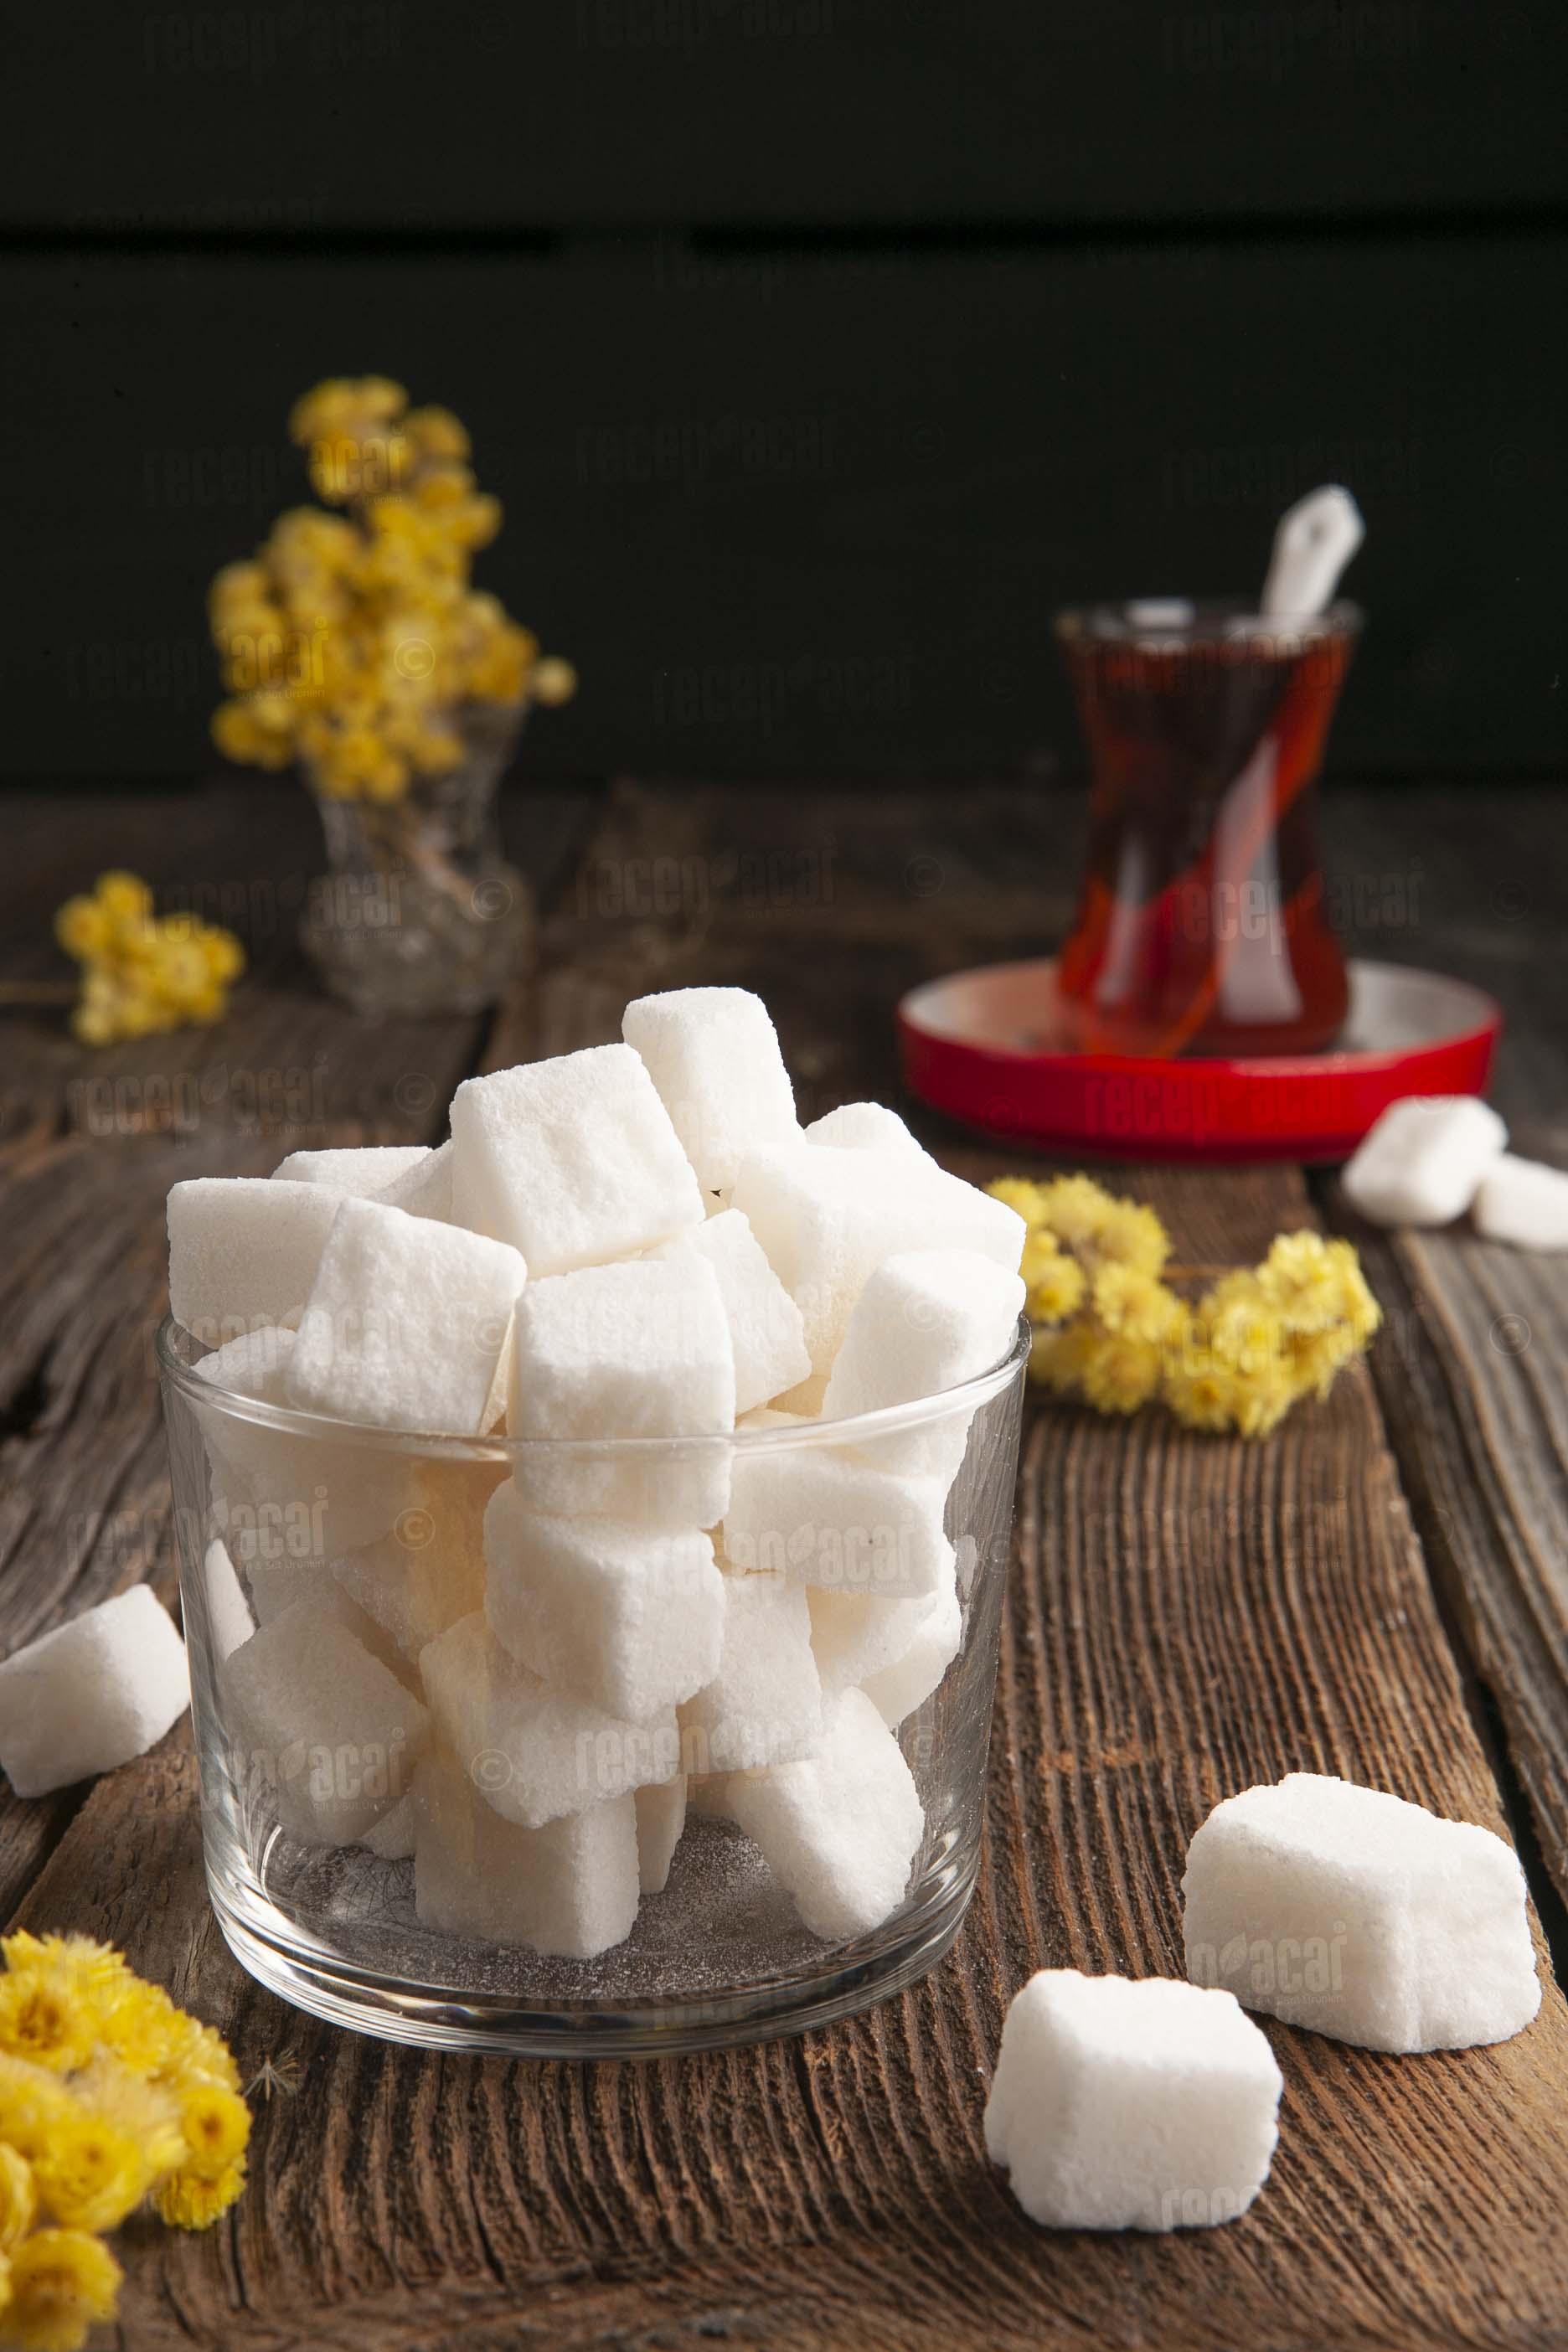 Kıtlama Şeker Nedir?